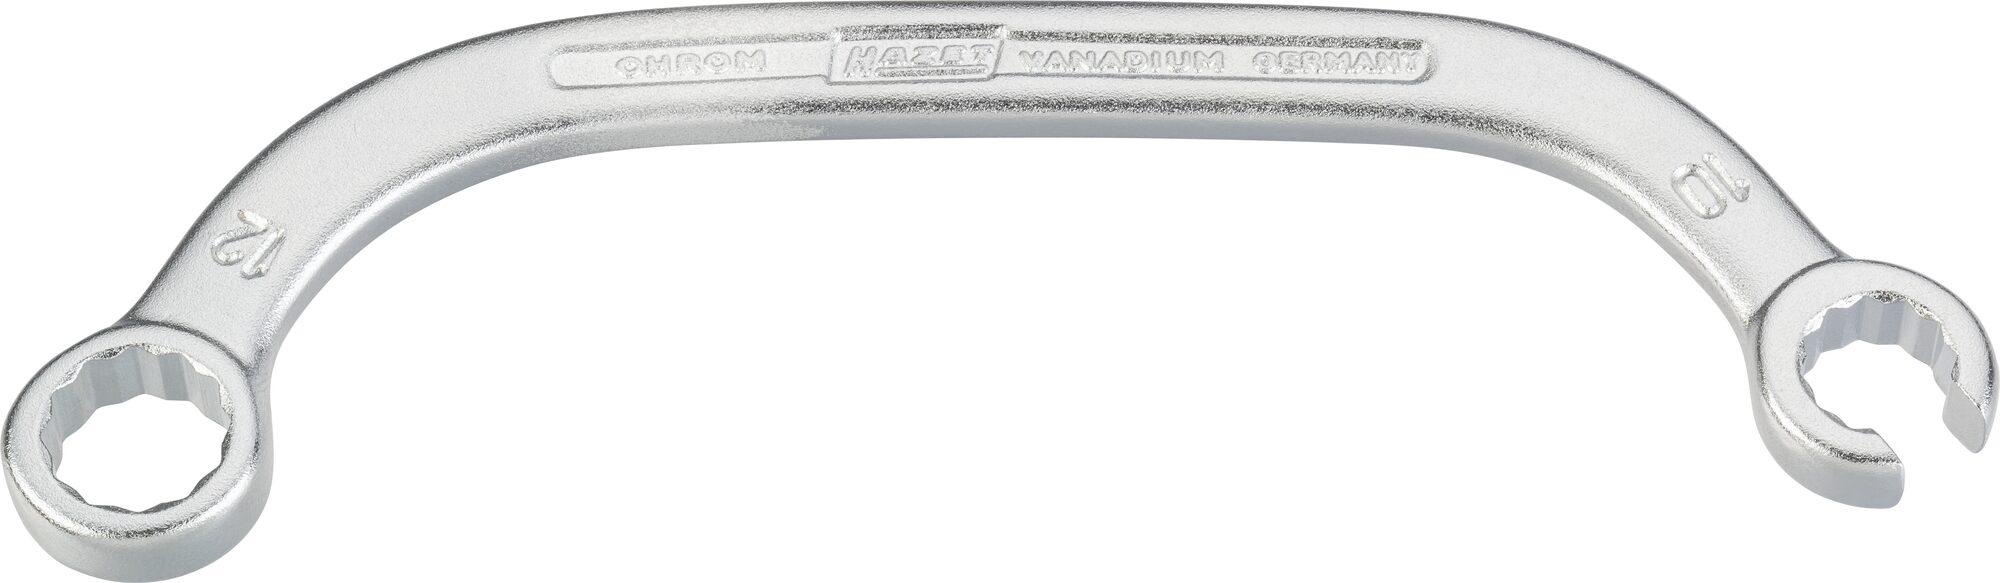 HAZET Turbolader-Schlüssel ∙ Doppelsechskant 615-S10X12 ∙ Außen-Doppel-Sechskant Profil ∙ 10 x 12 mm